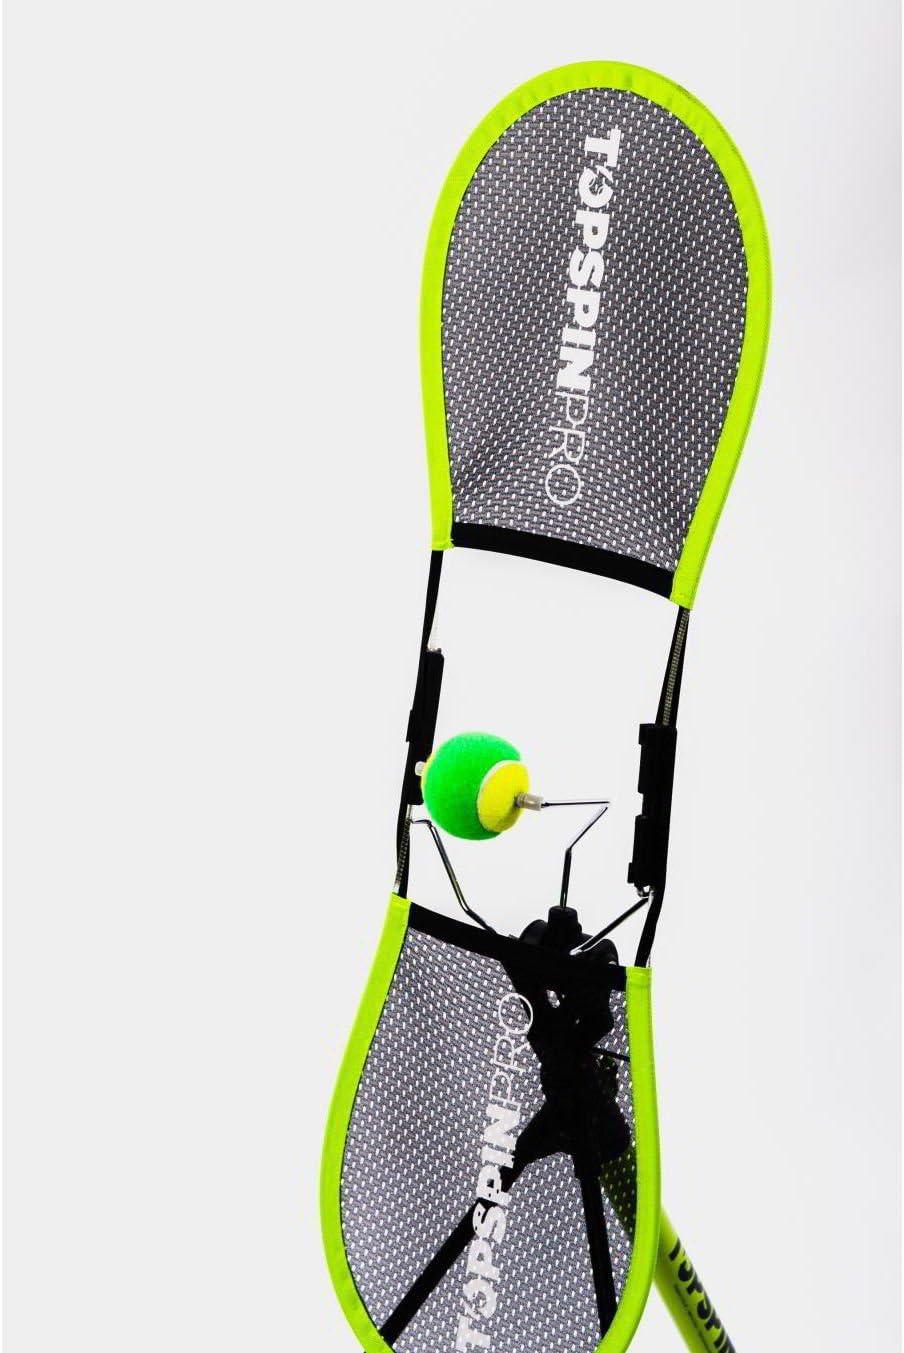 TopspinPro - Aprende el golpeo con 2 Minutos al día - Un Asistente de Entrenamiento de Tenis revolucionario - Usado en 67 países